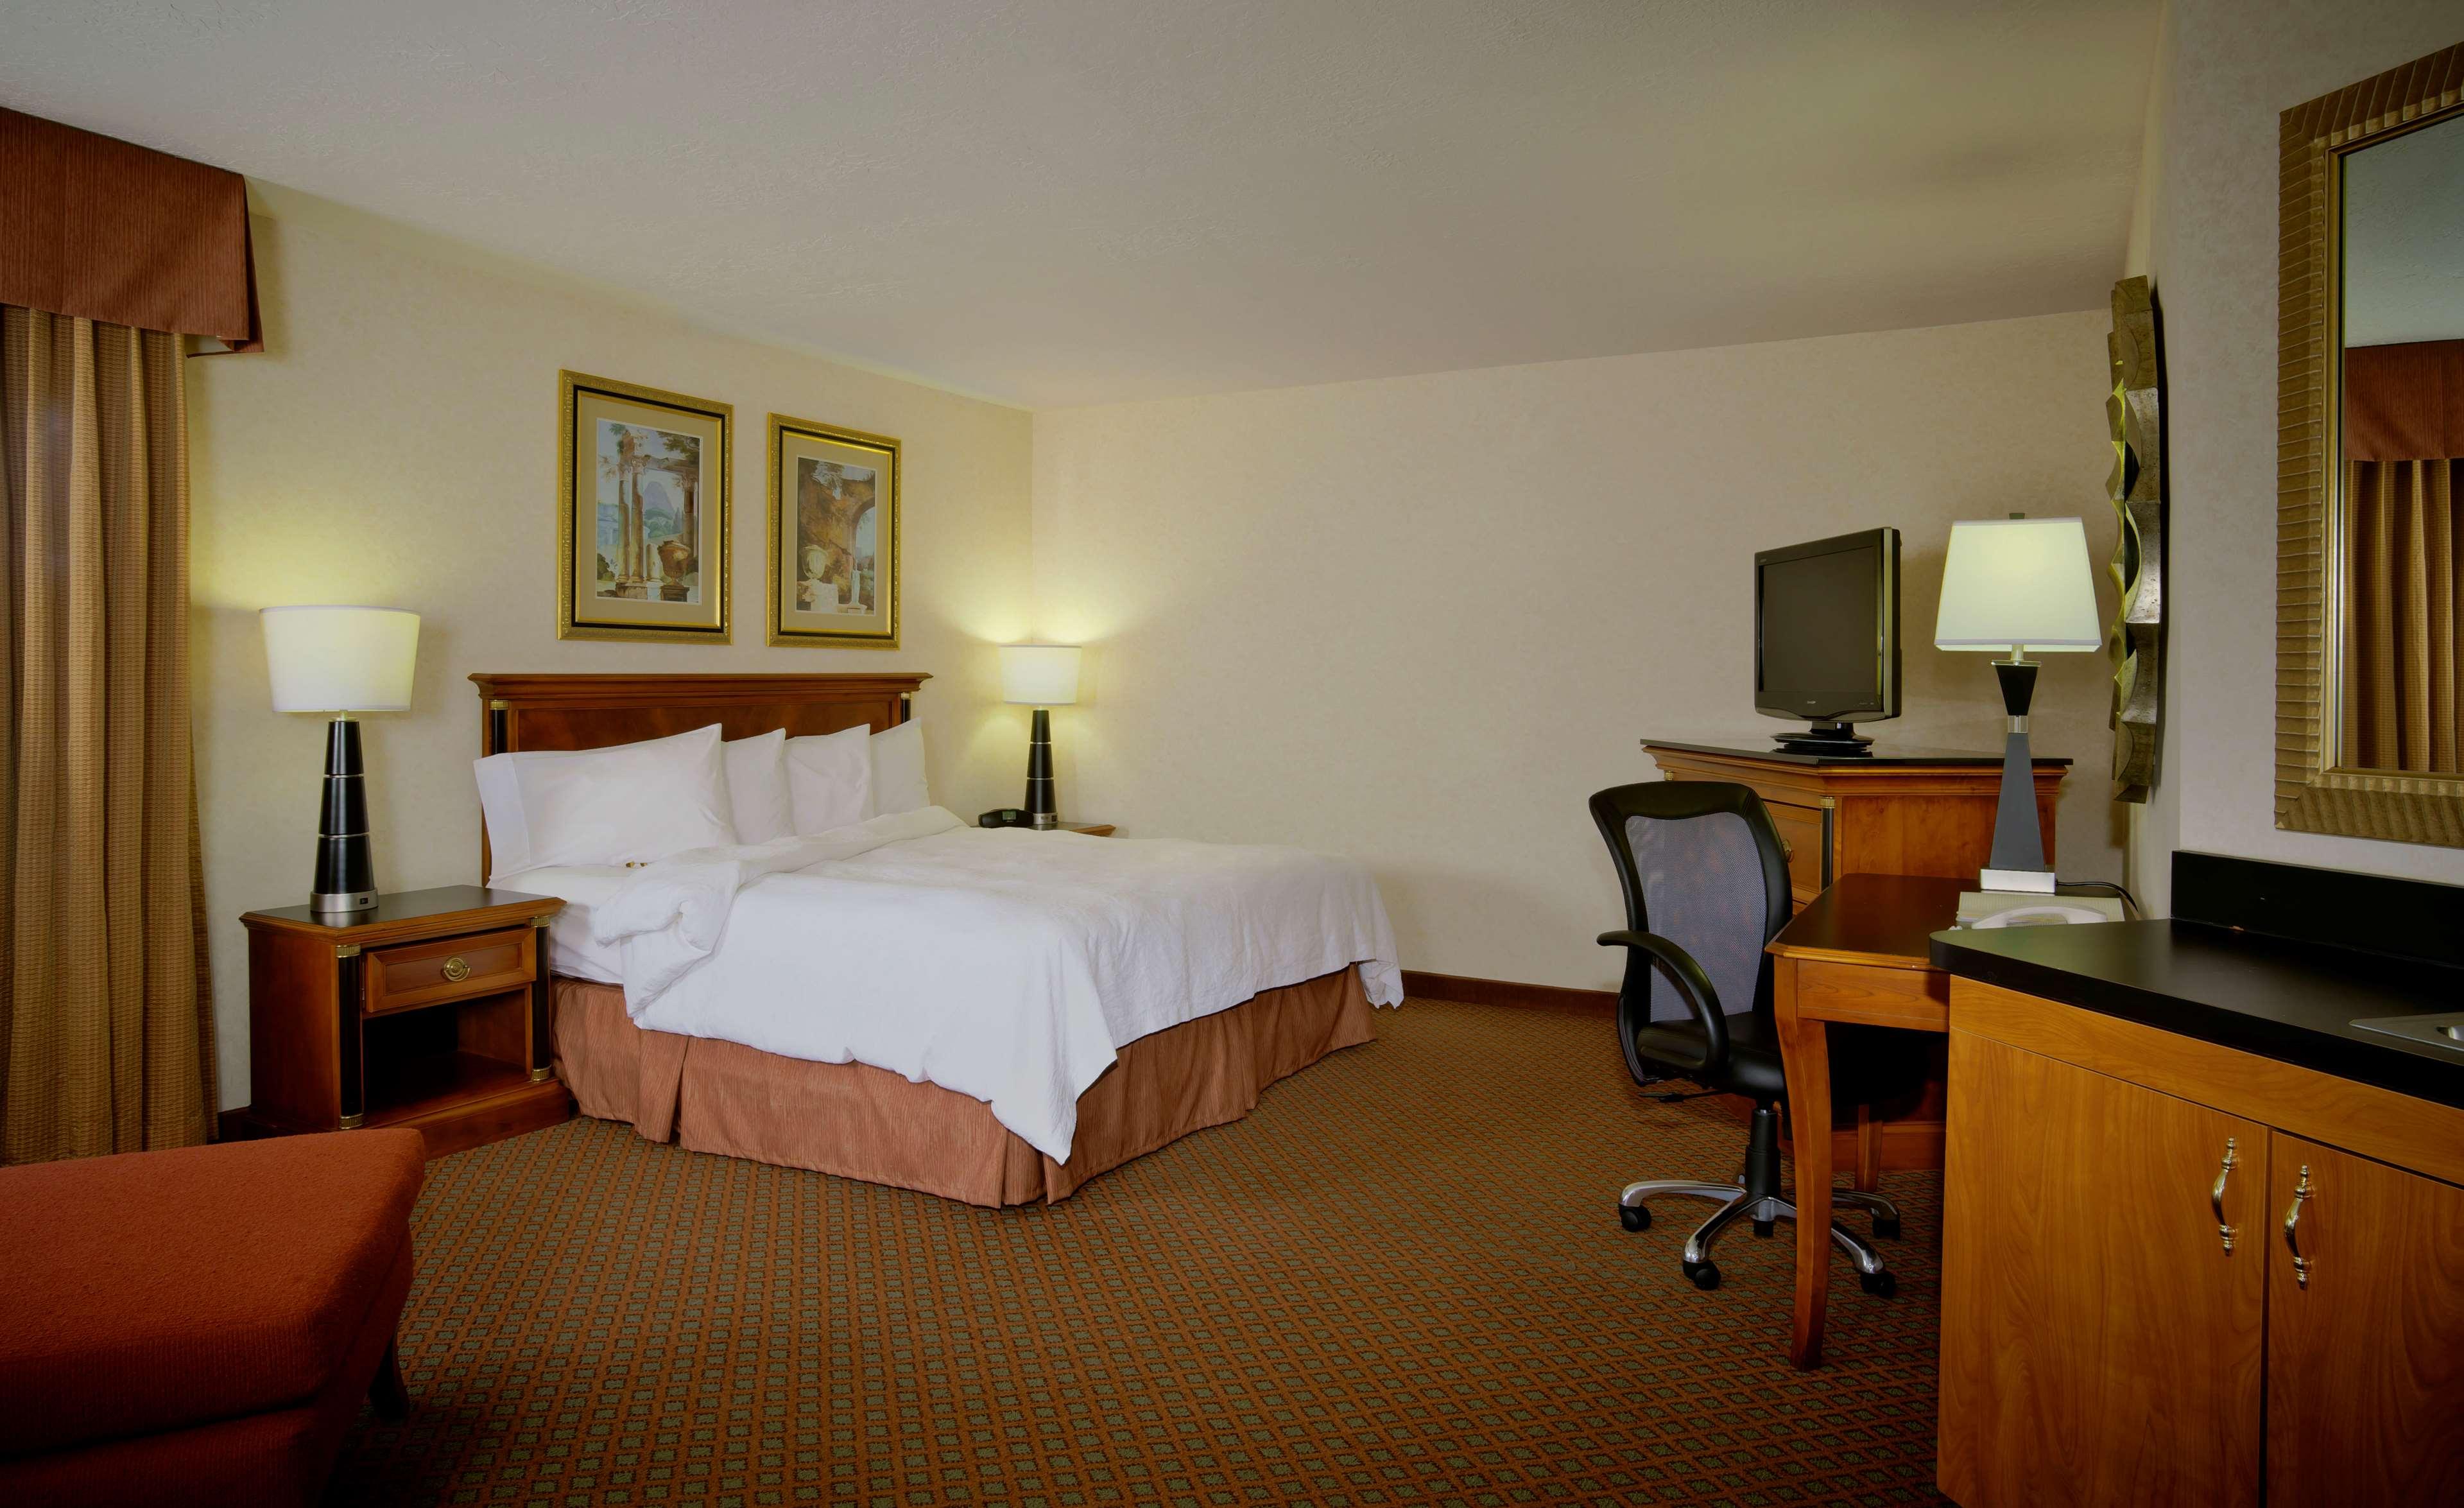 Hampton Inn & Suites Salt Lake City Airport image 15